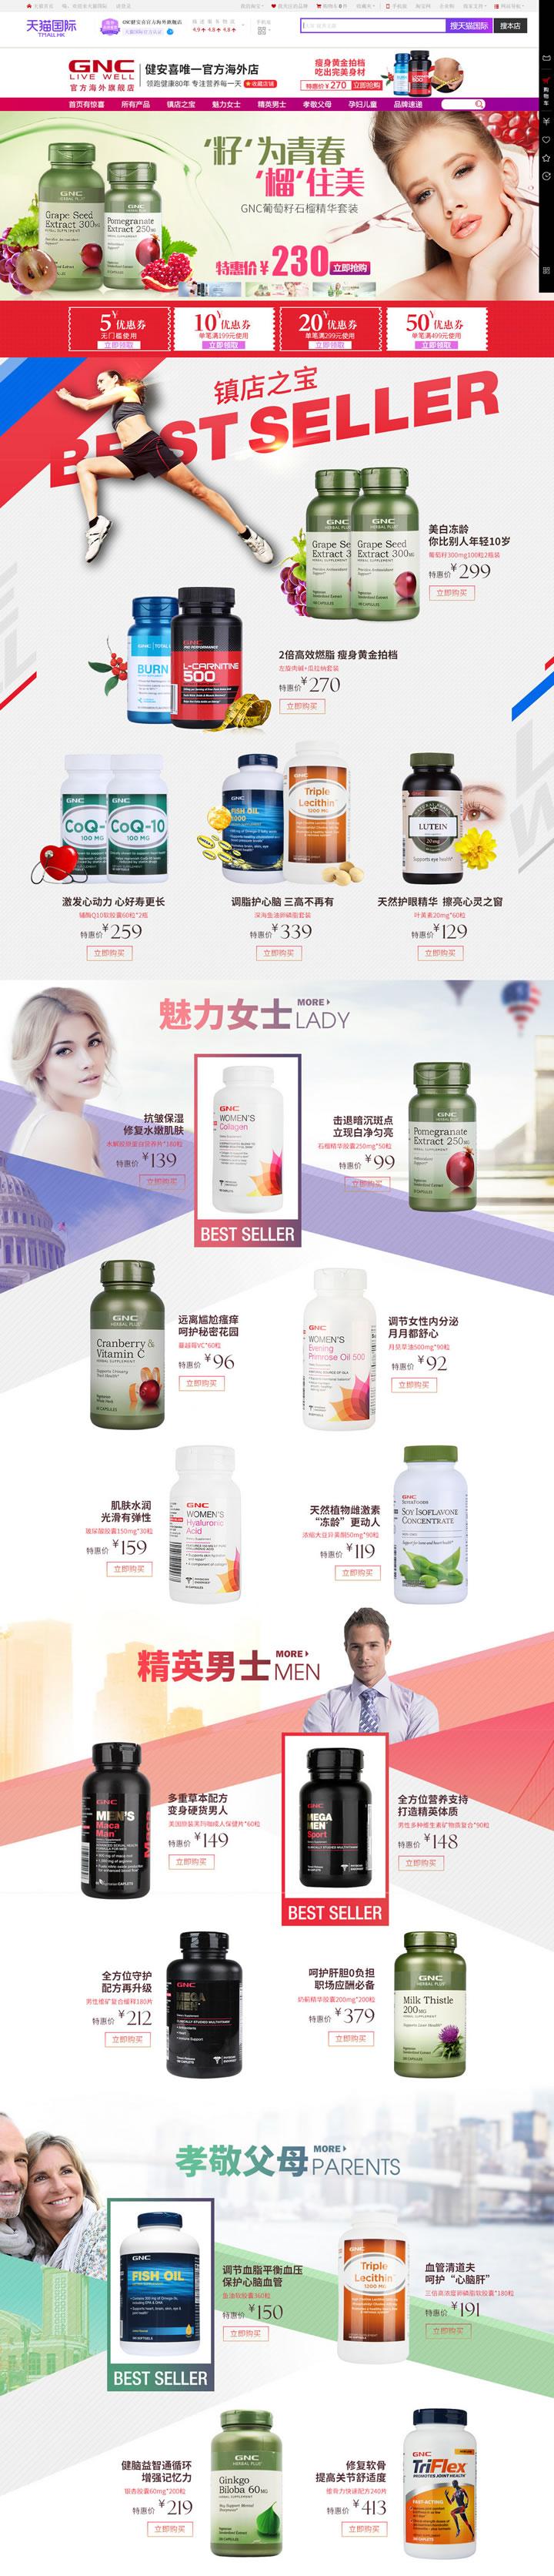 GNC健安喜官方海外旗舰店:美国著名保健品牌